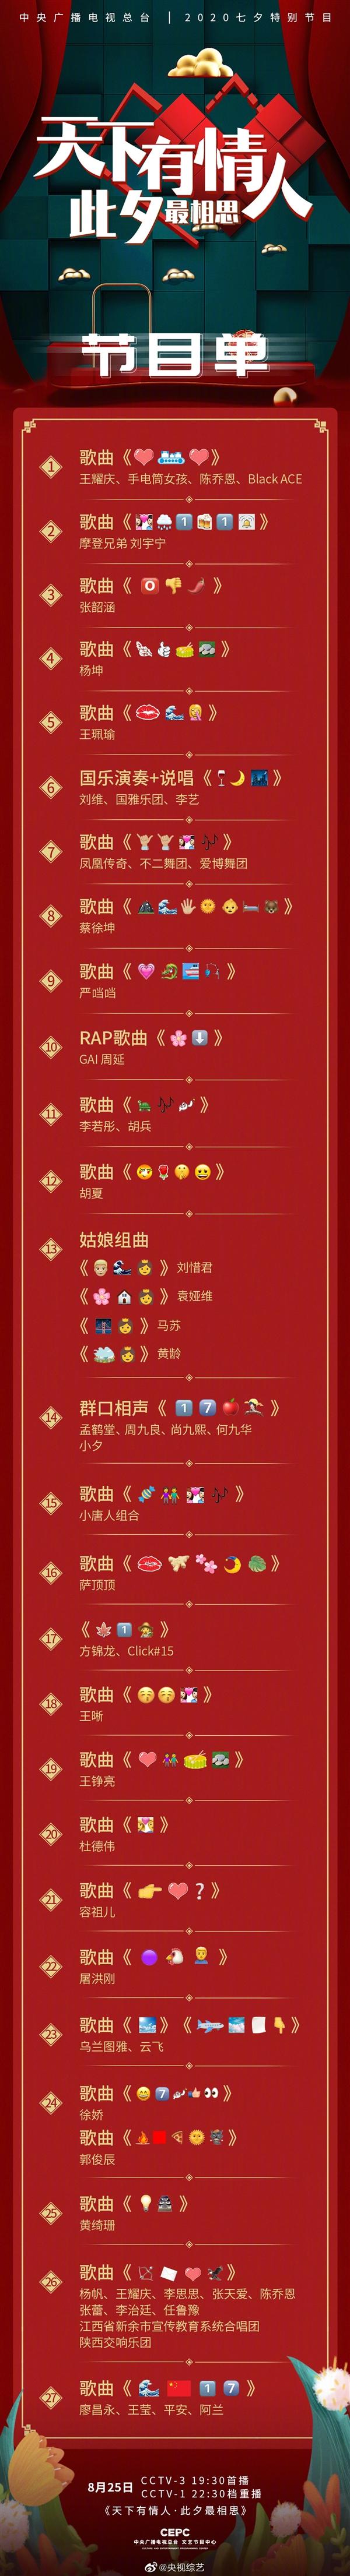 央视七夕晚会emoji节目单 对比看答案,你能猜对几个?